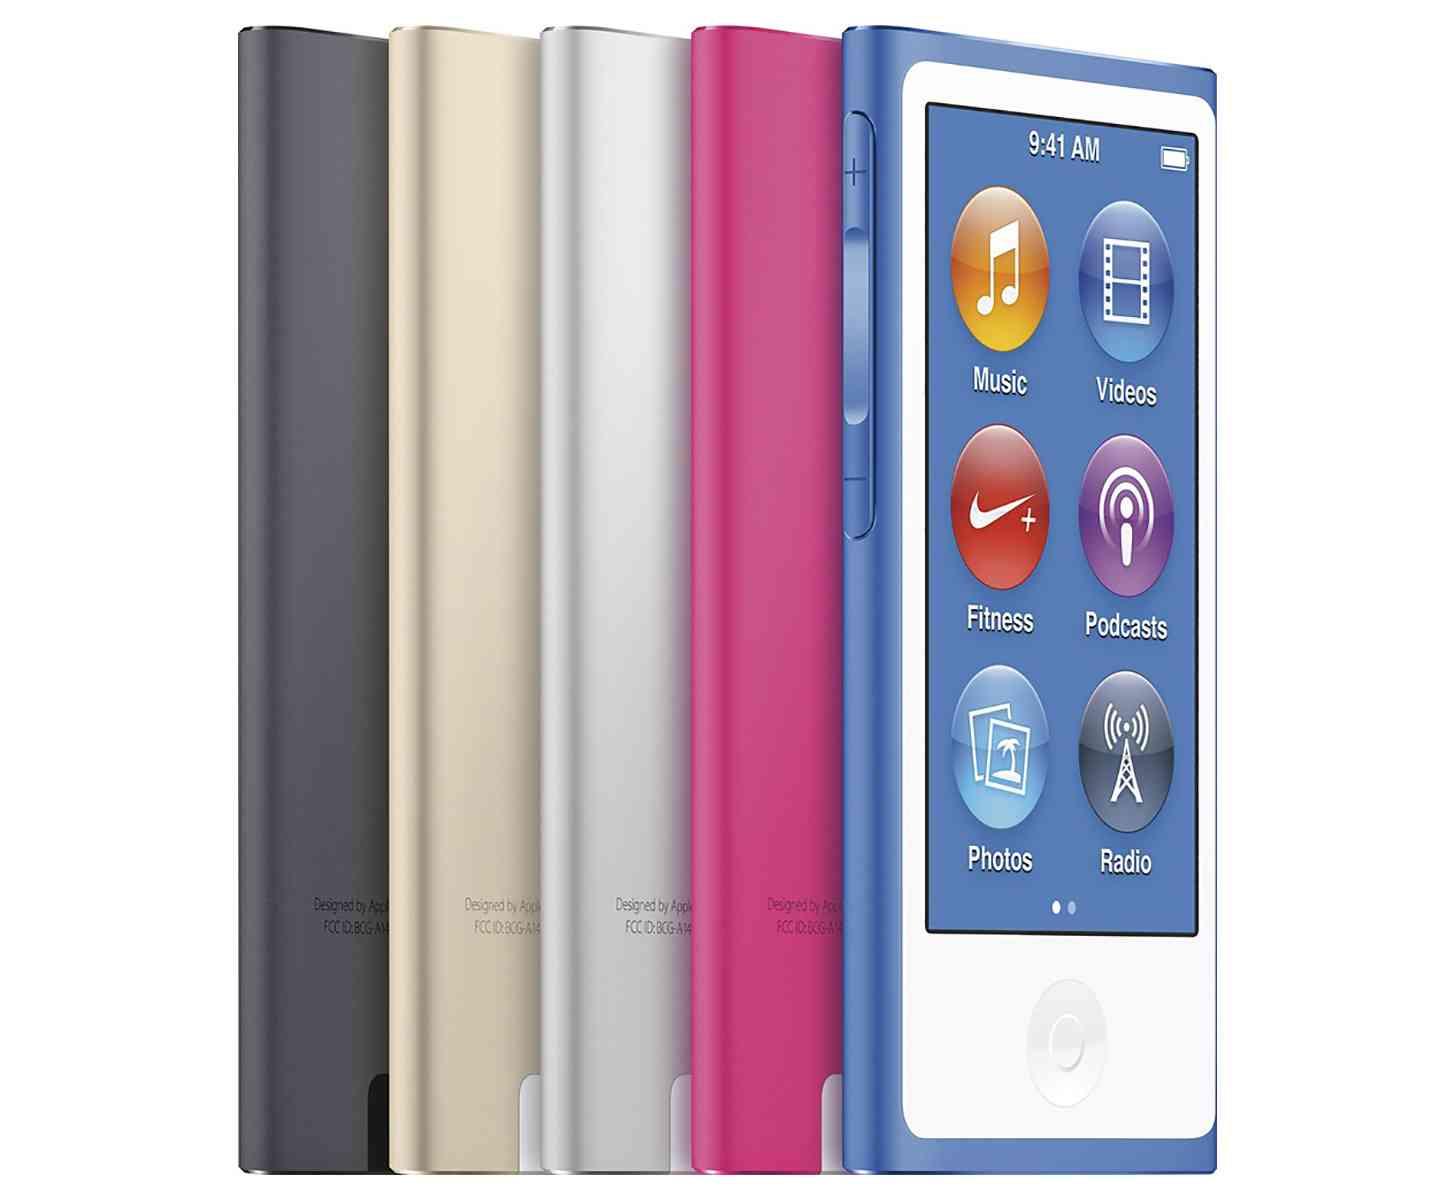 iPod nano colors group